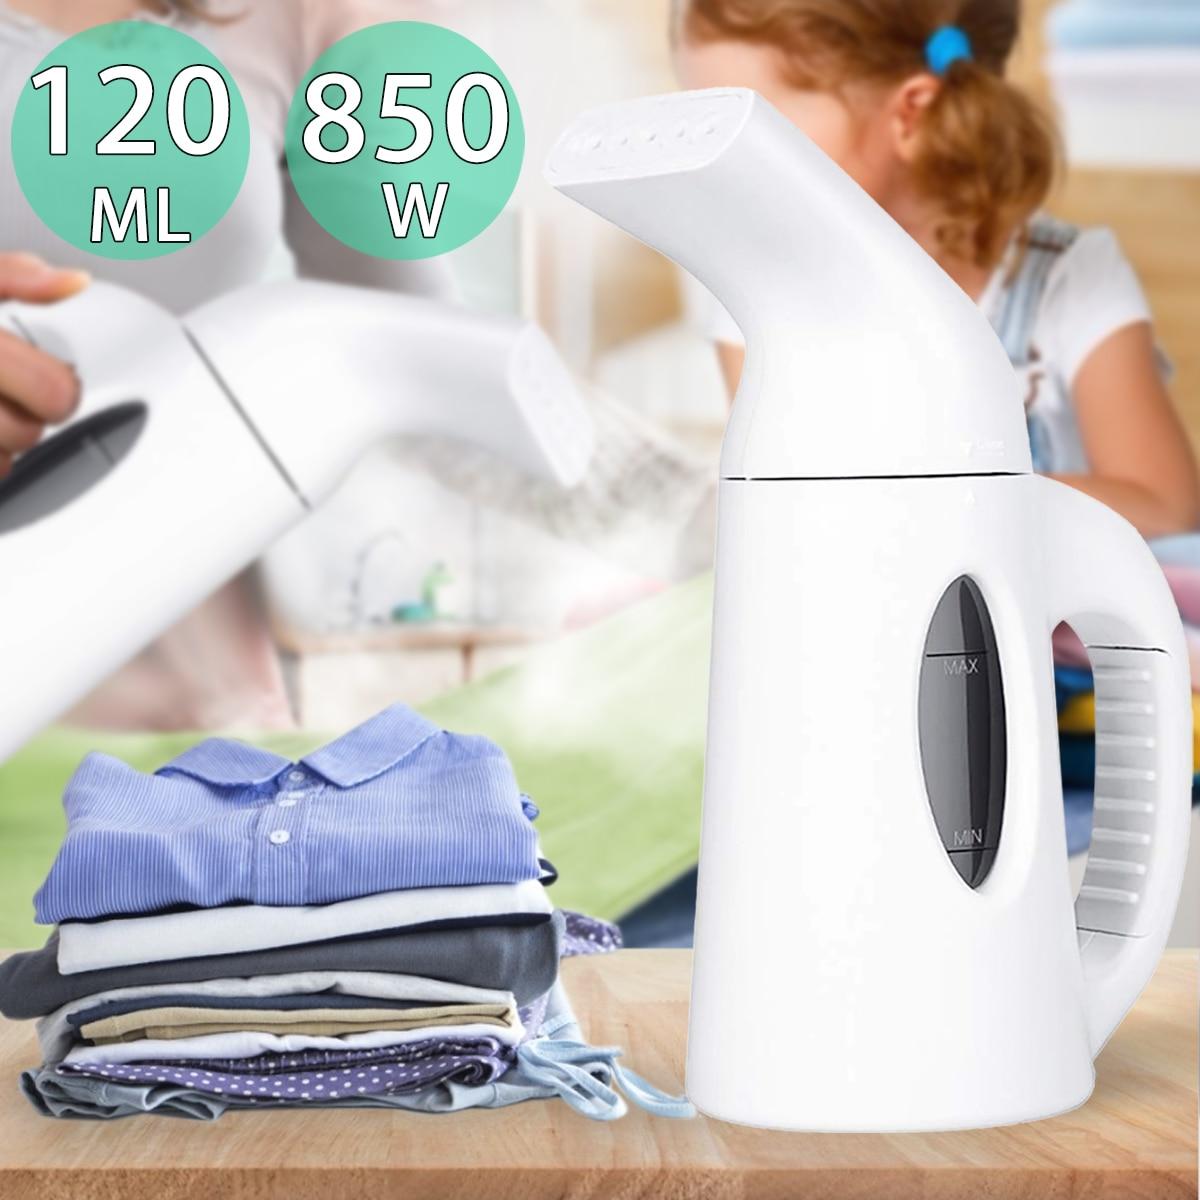 110V 220V nuevo Mini plancha de vapor de mano cepillo de limpieza en seco ropa electrodomésticos portátil ropa de viaje vaporizadores ropa